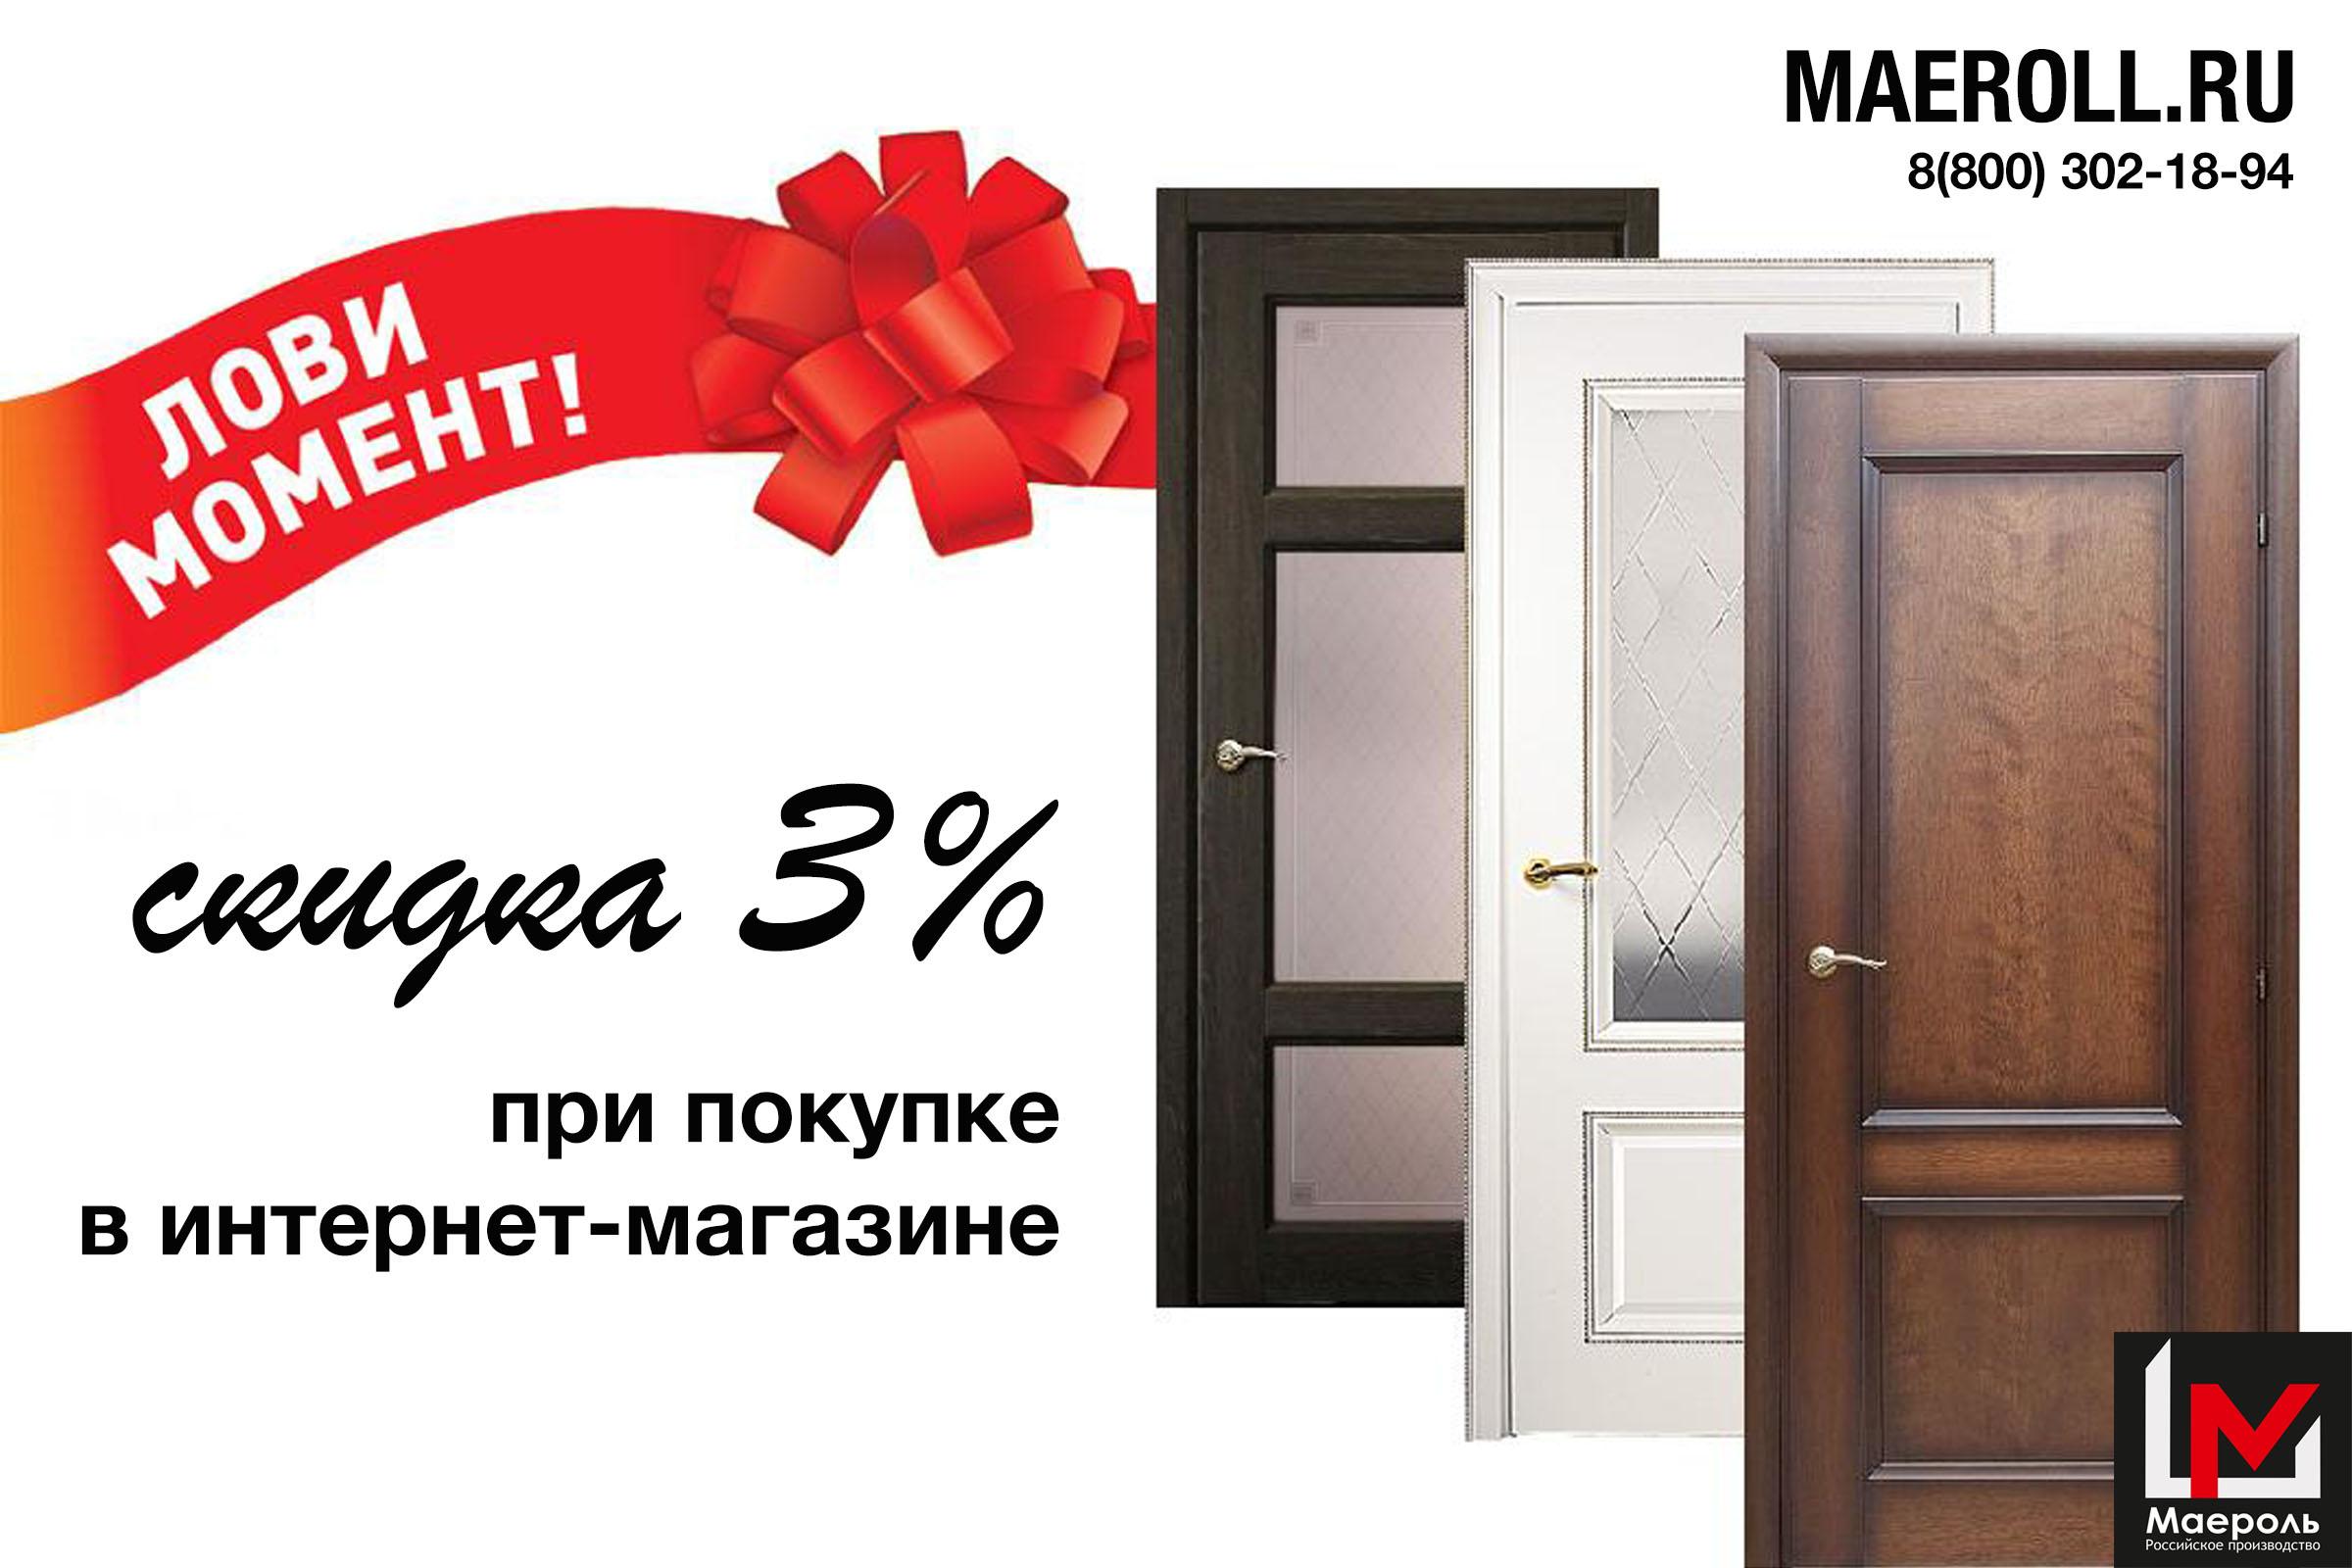 Скидка 3% на двери